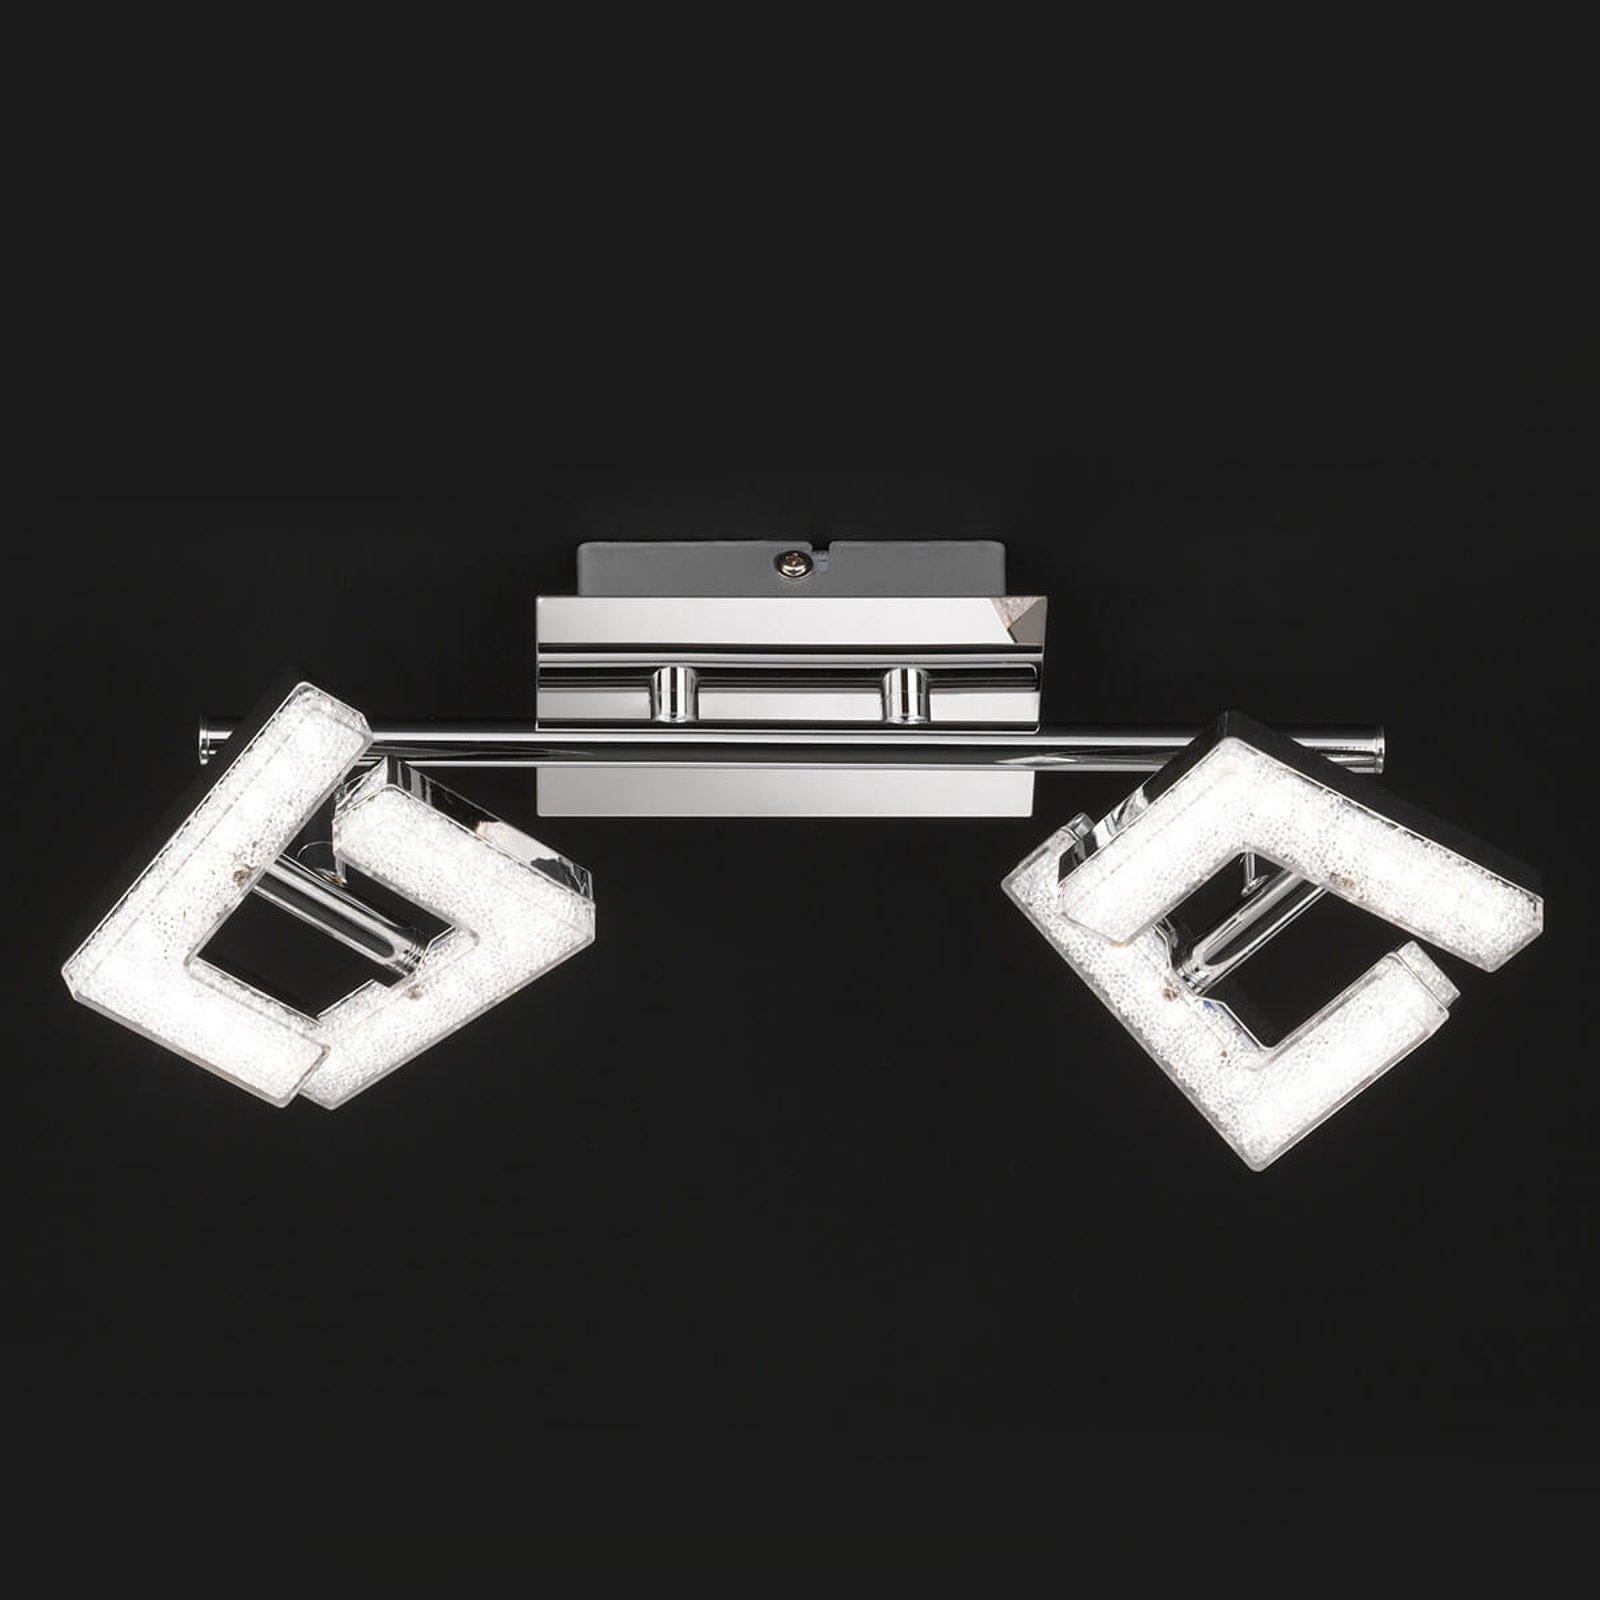 Justerbar LED-taklampe LEA med krystalleffekt